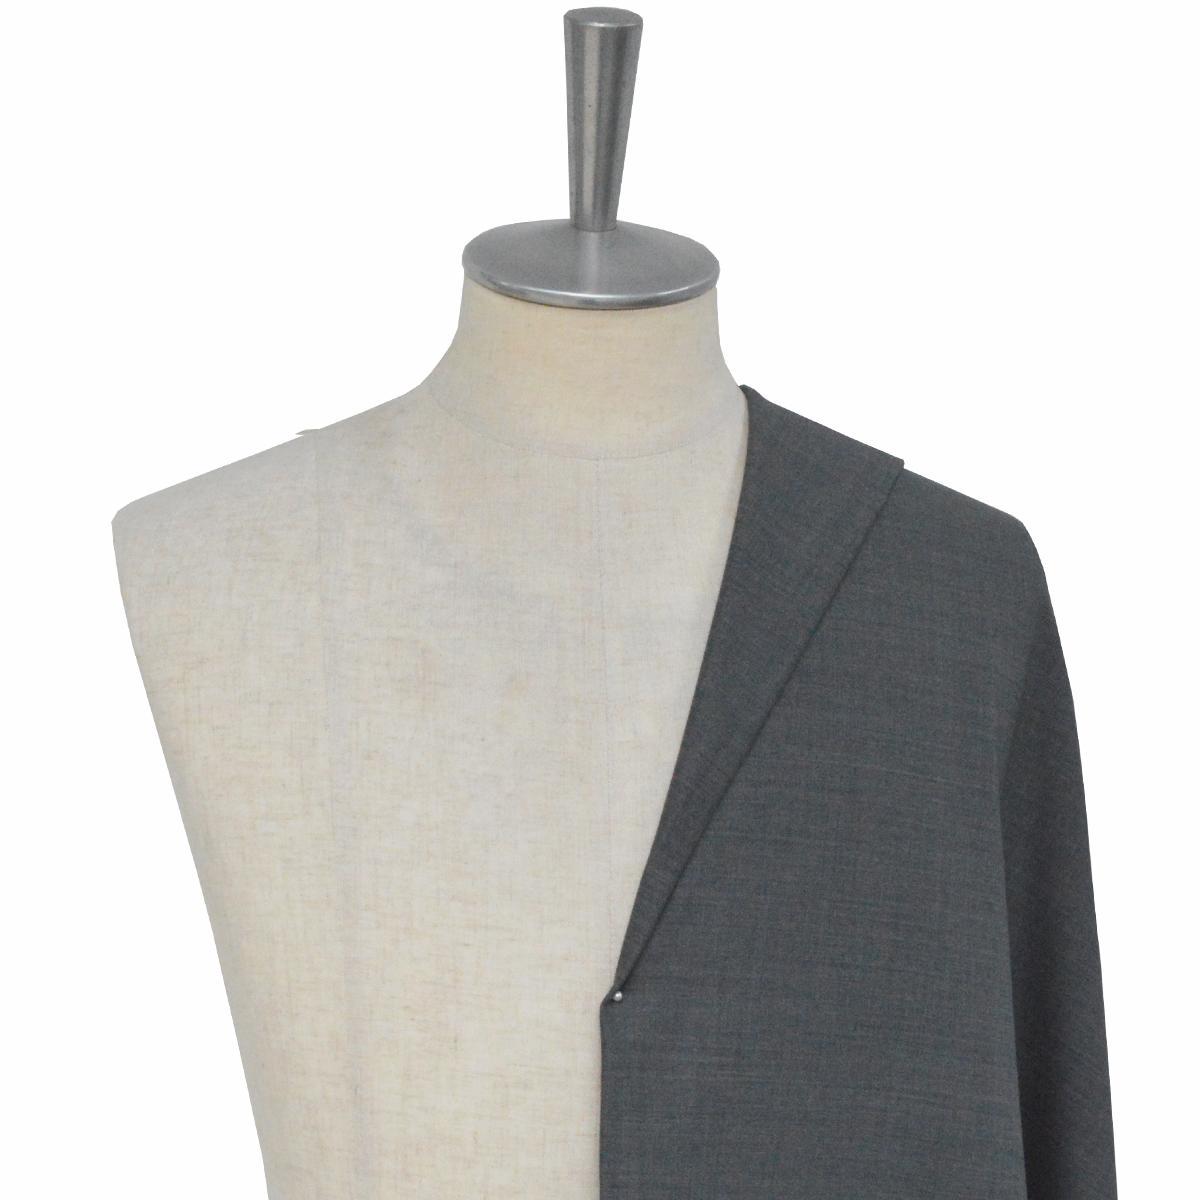 [オーダースーツ]どんな色にもあわせやすく、あなたらしさを演出できるスーツ